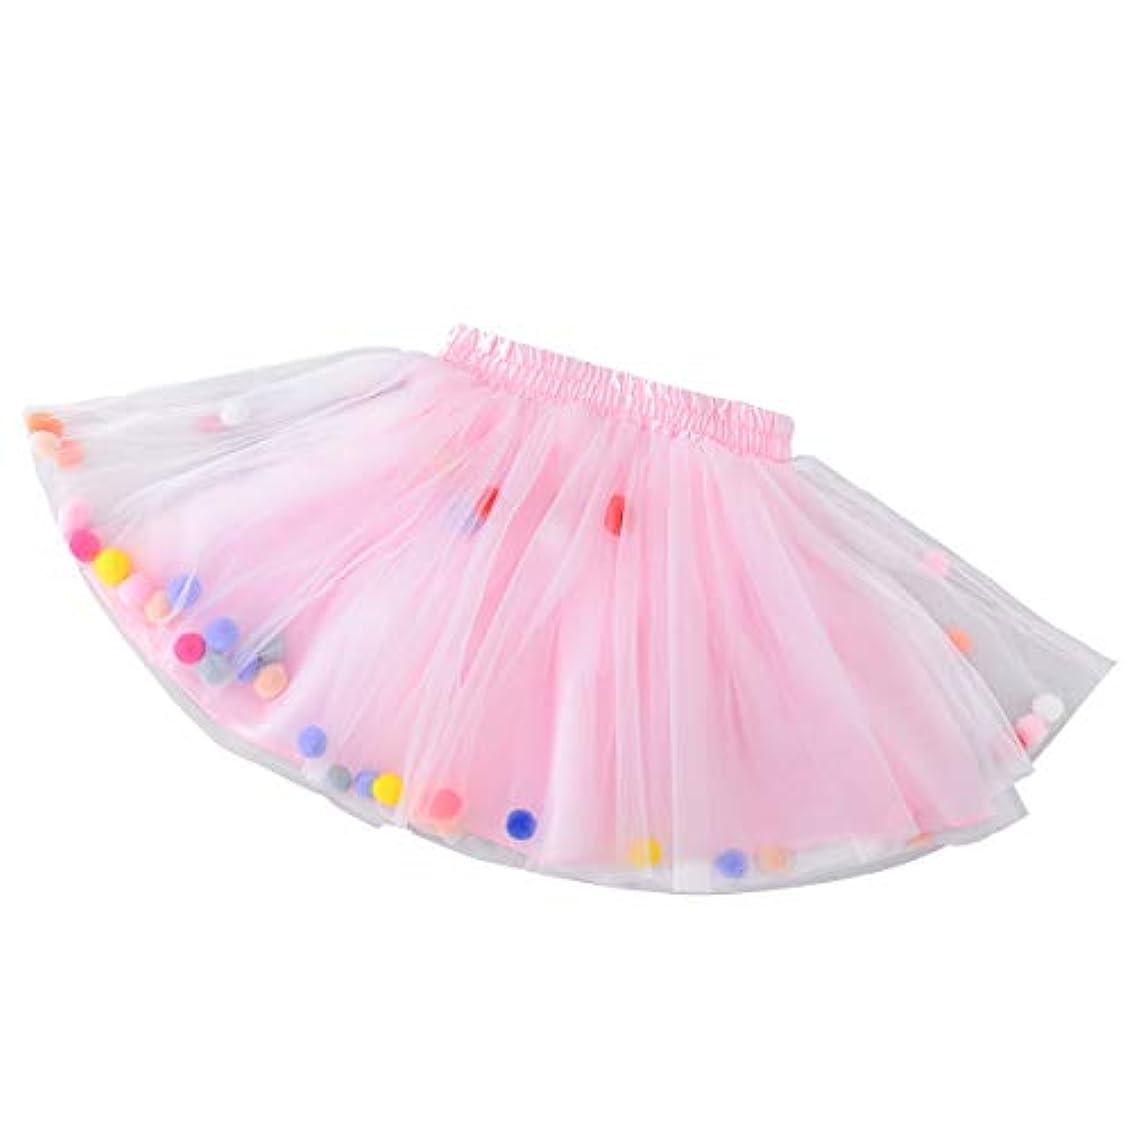 デザイナーファウルバルーンYeahiBaby 子供チュチュスカートラブリーピンクミディスカートカラフルなファジーボールガーゼスカートプリンセスドレス衣装用女の子(サイズl)